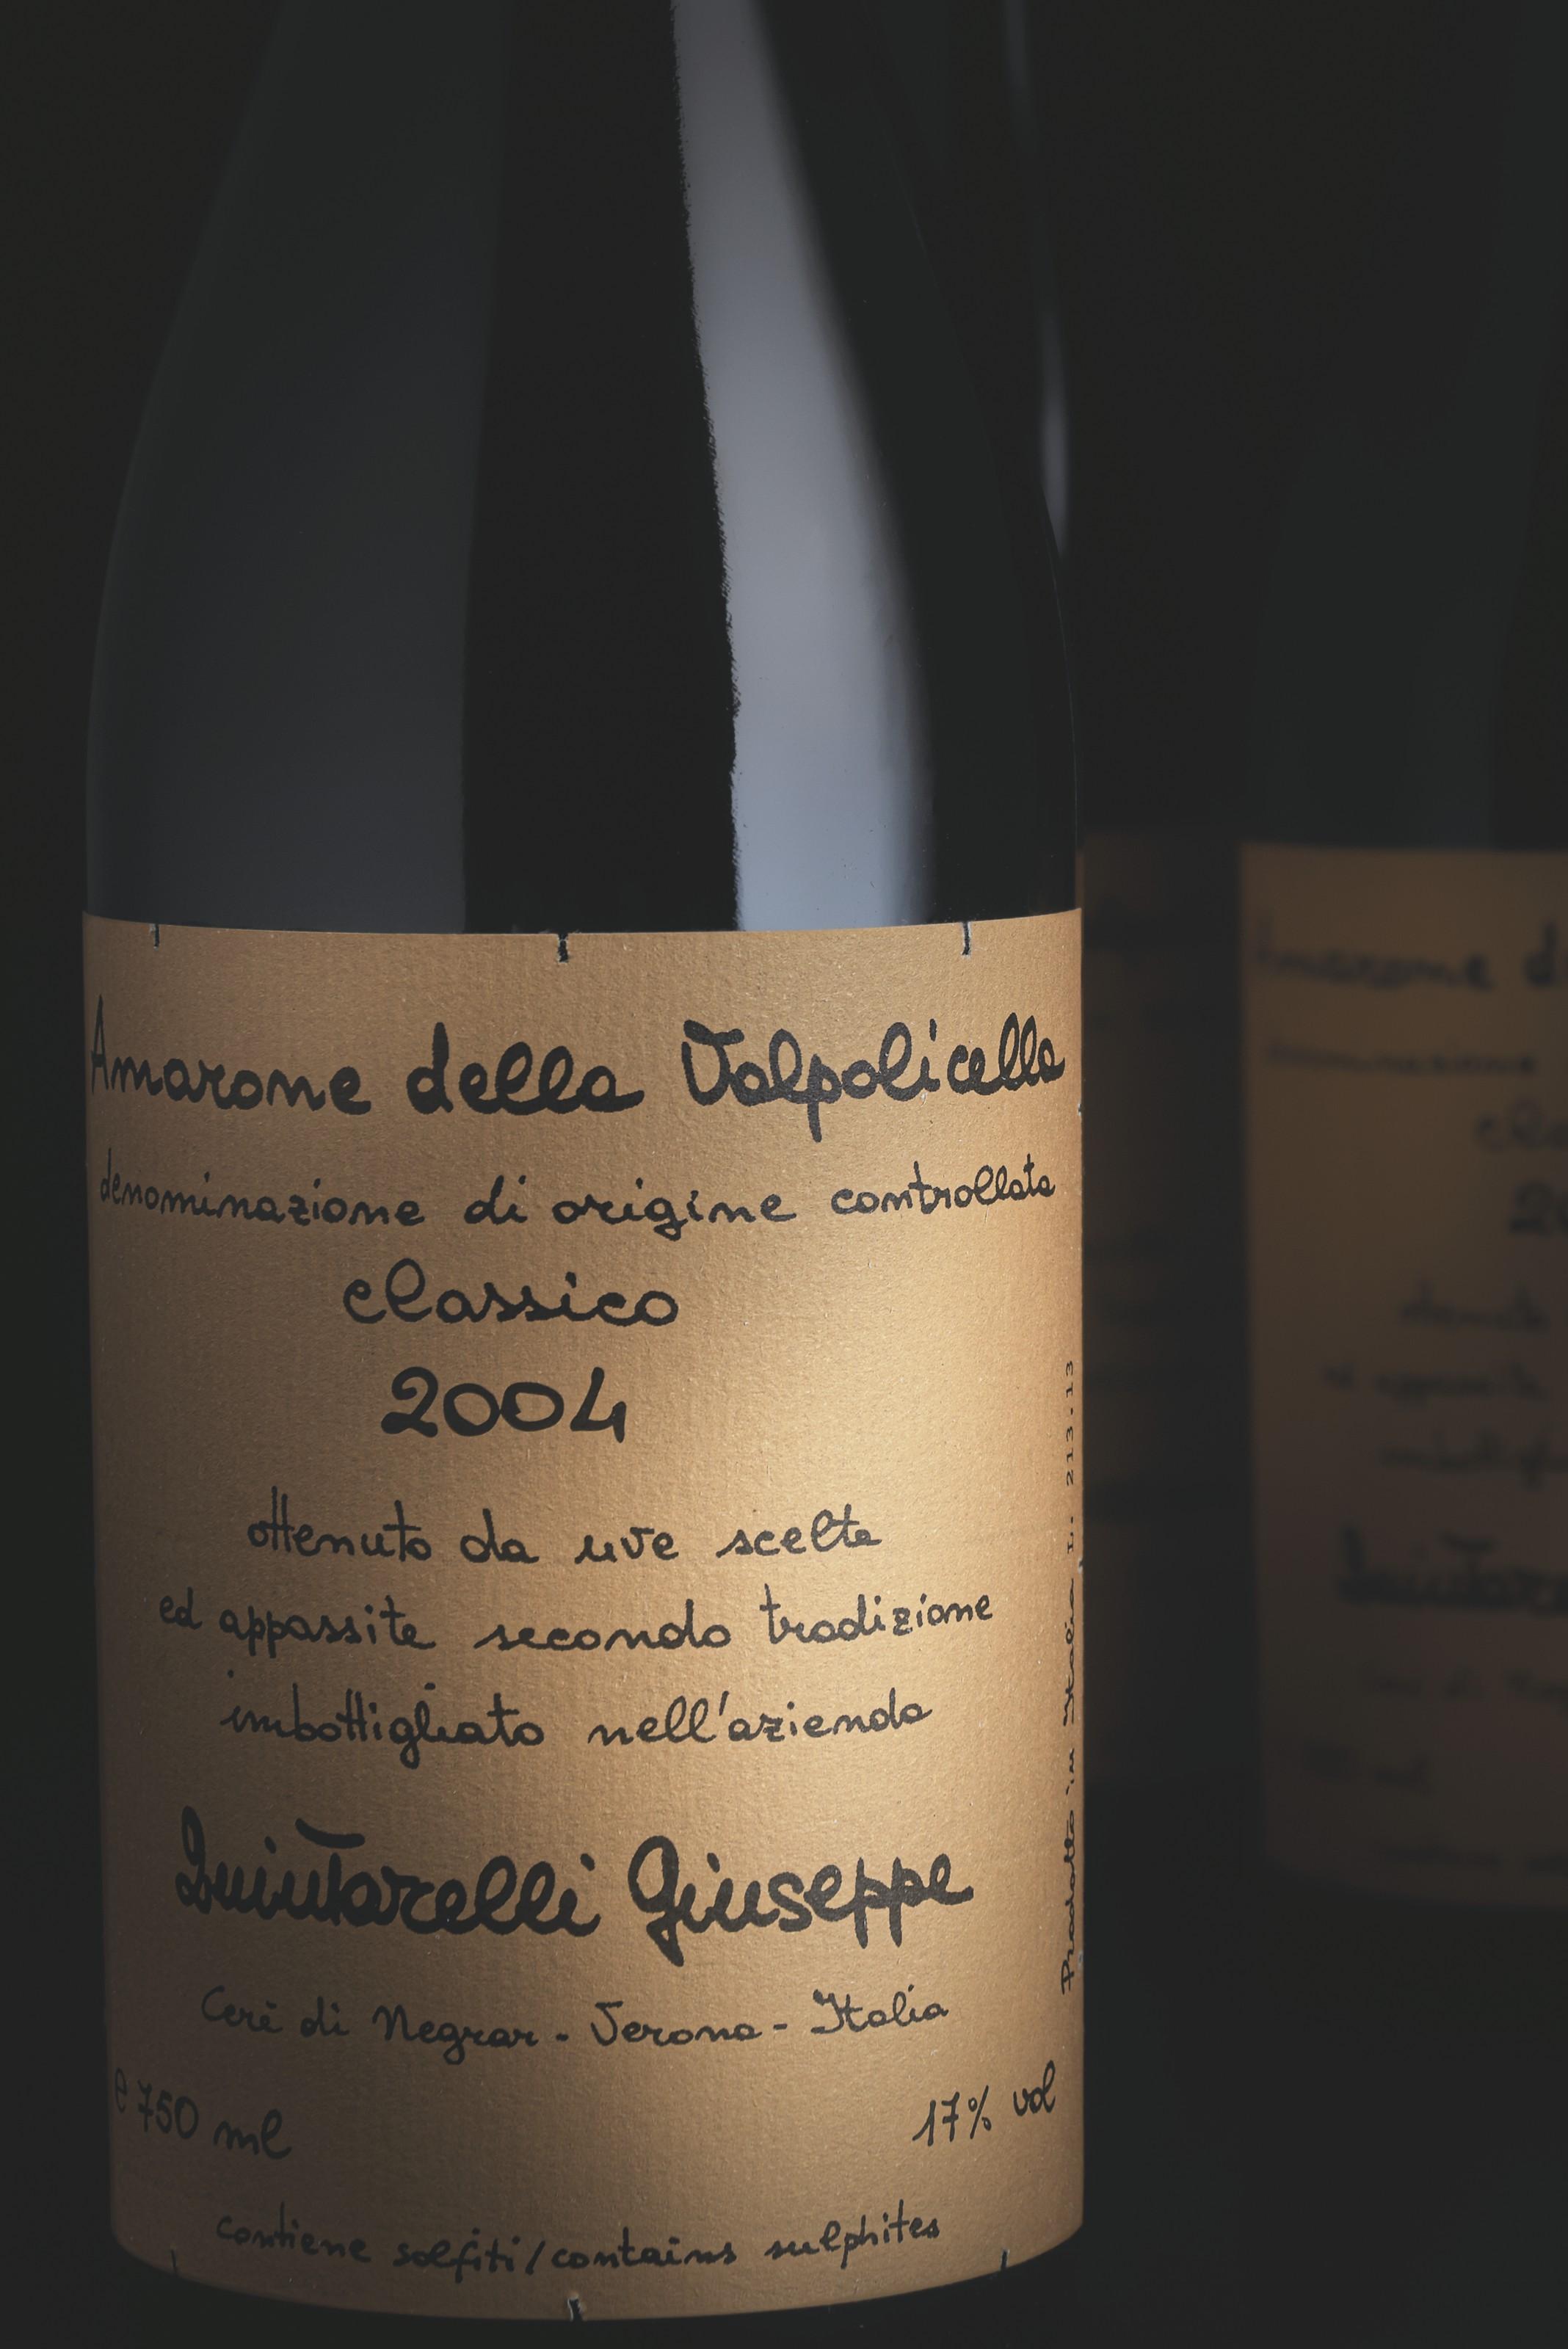 Quintarelli, Amarone Classico 2004